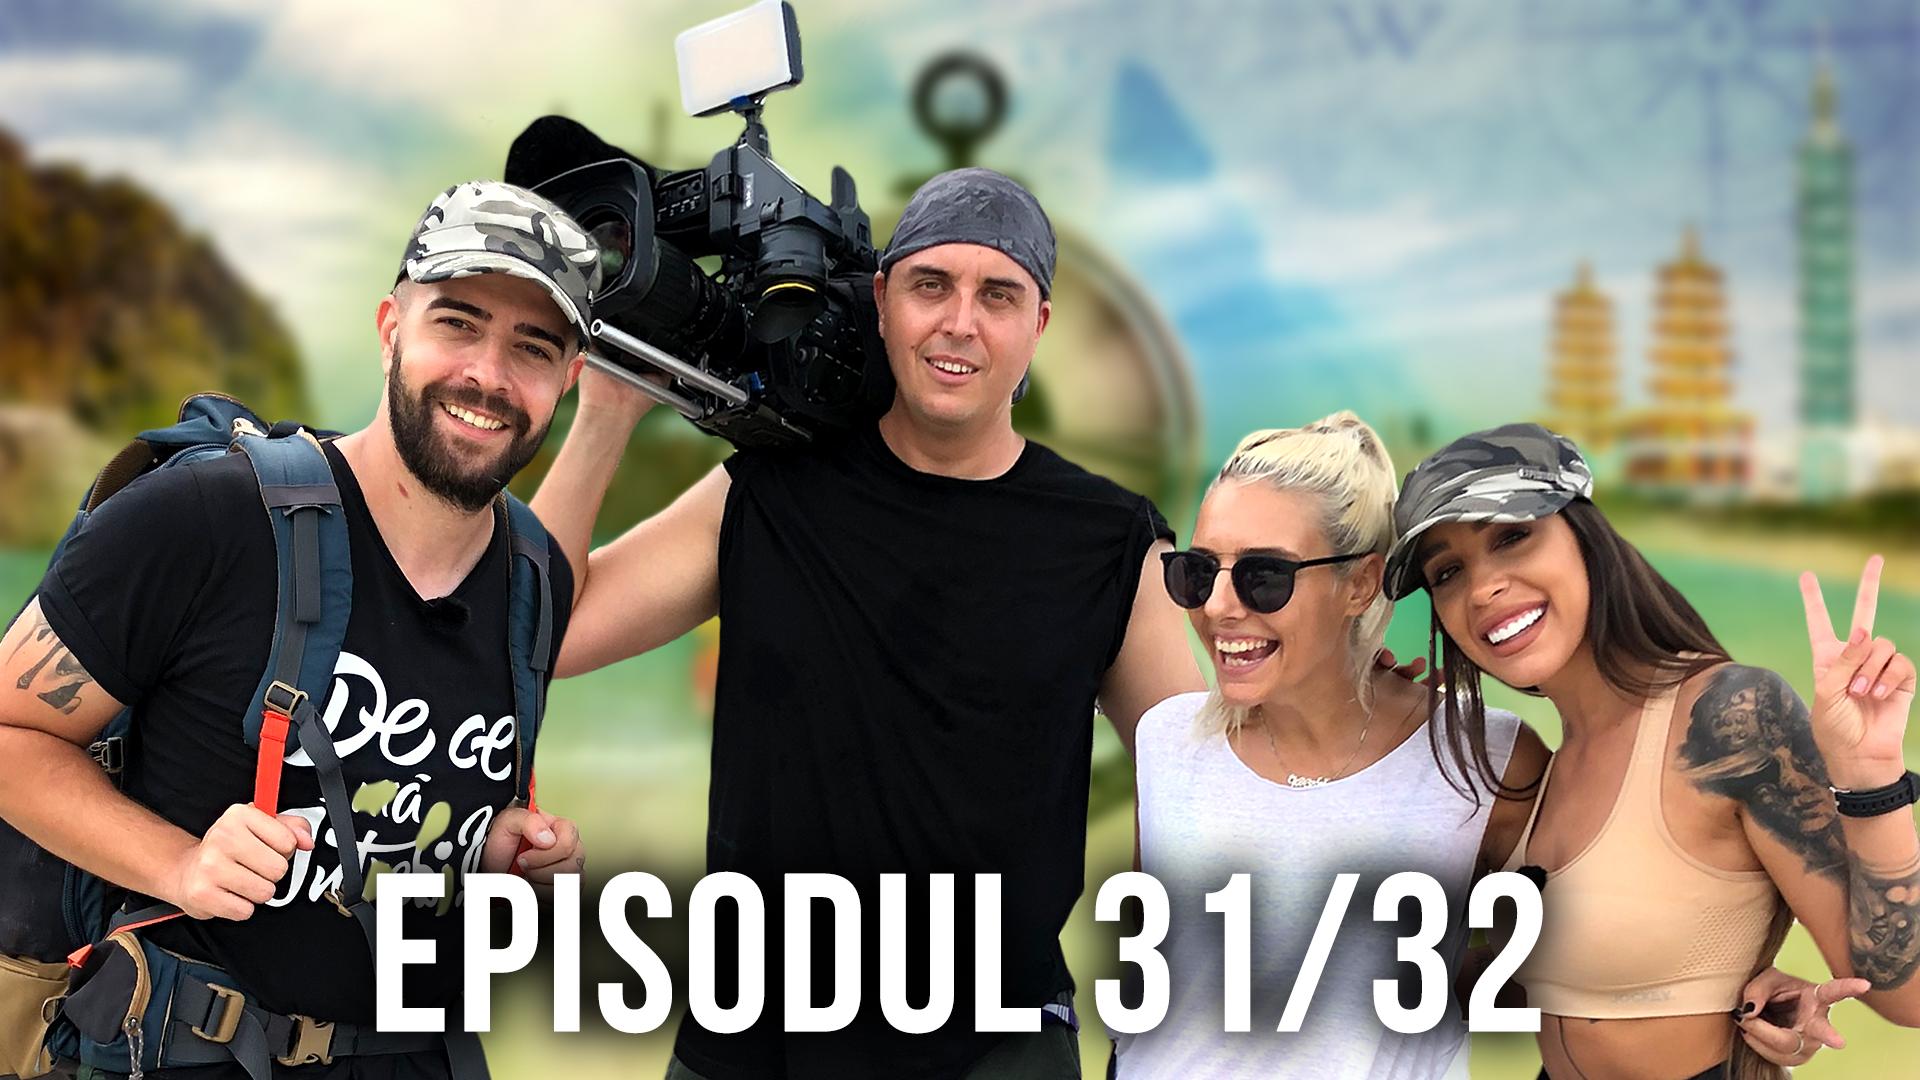 DE SPEAK Firu-n Patru - Episodul 31 și 32 cu Alexandra și Marius (reporter și operator)